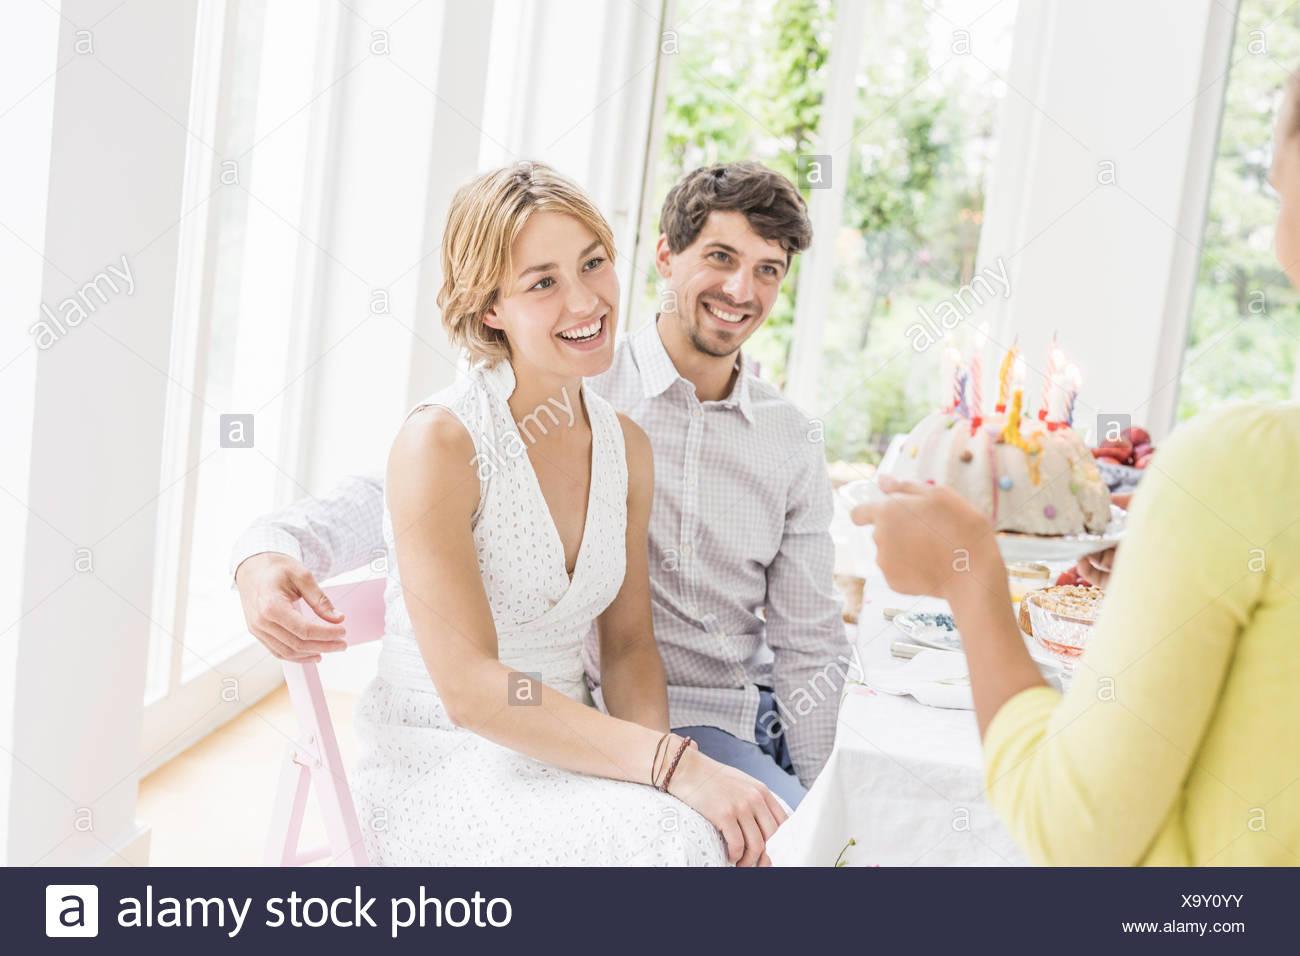 Madchen Die Ubergabe Geburtstagskuchen An Eltern Auf